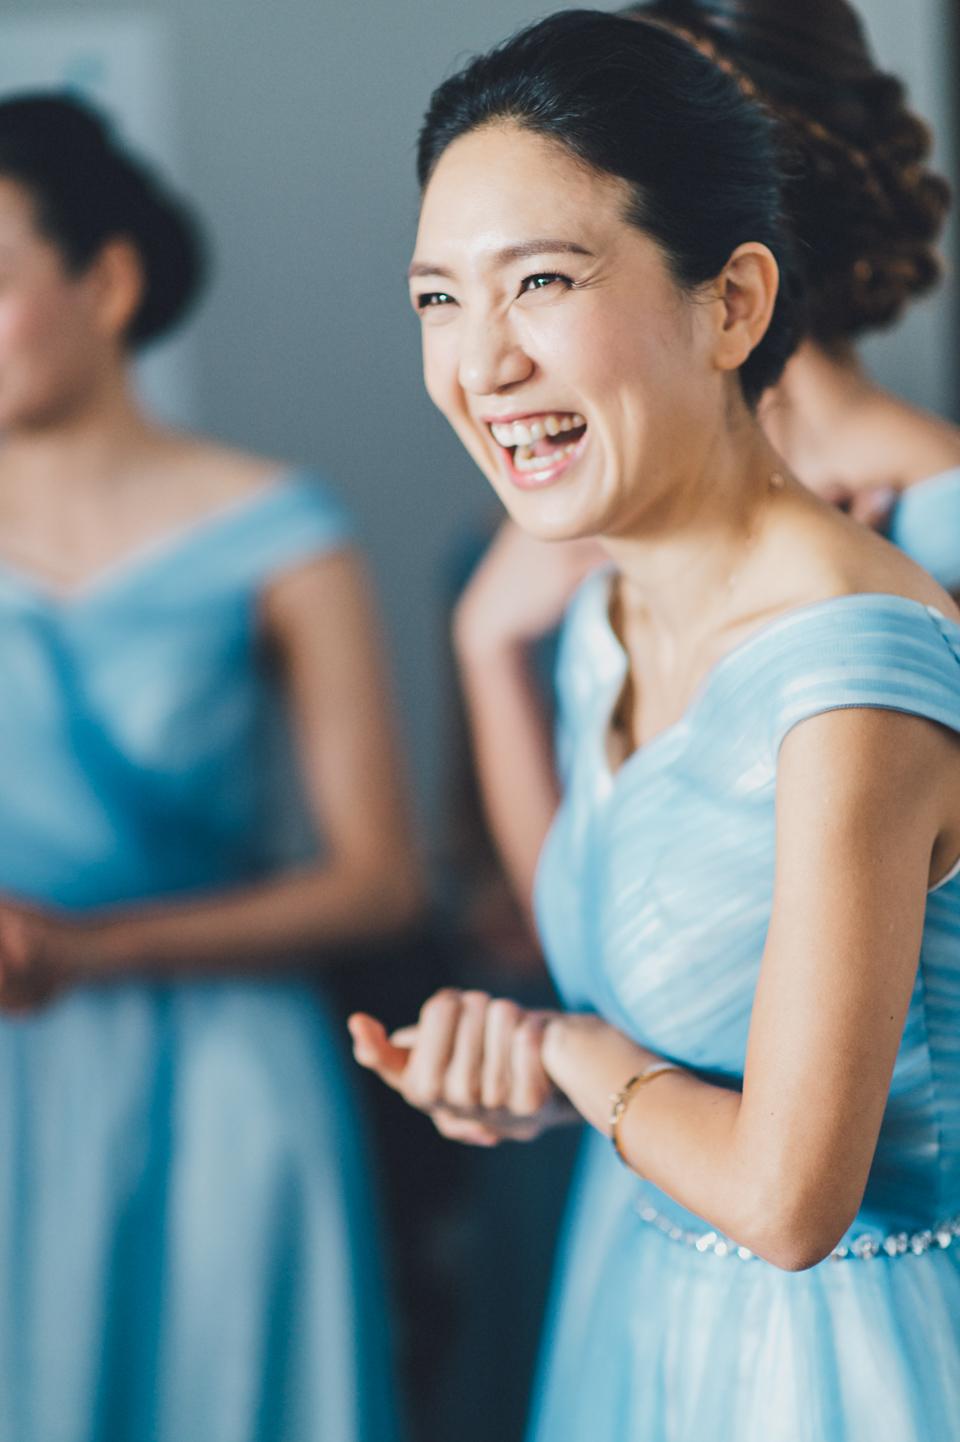 hongkong-wedding-photo-video-48 Kristy & Sam HongKong Wedding Four Saison HKhongkong wedding photo video 48